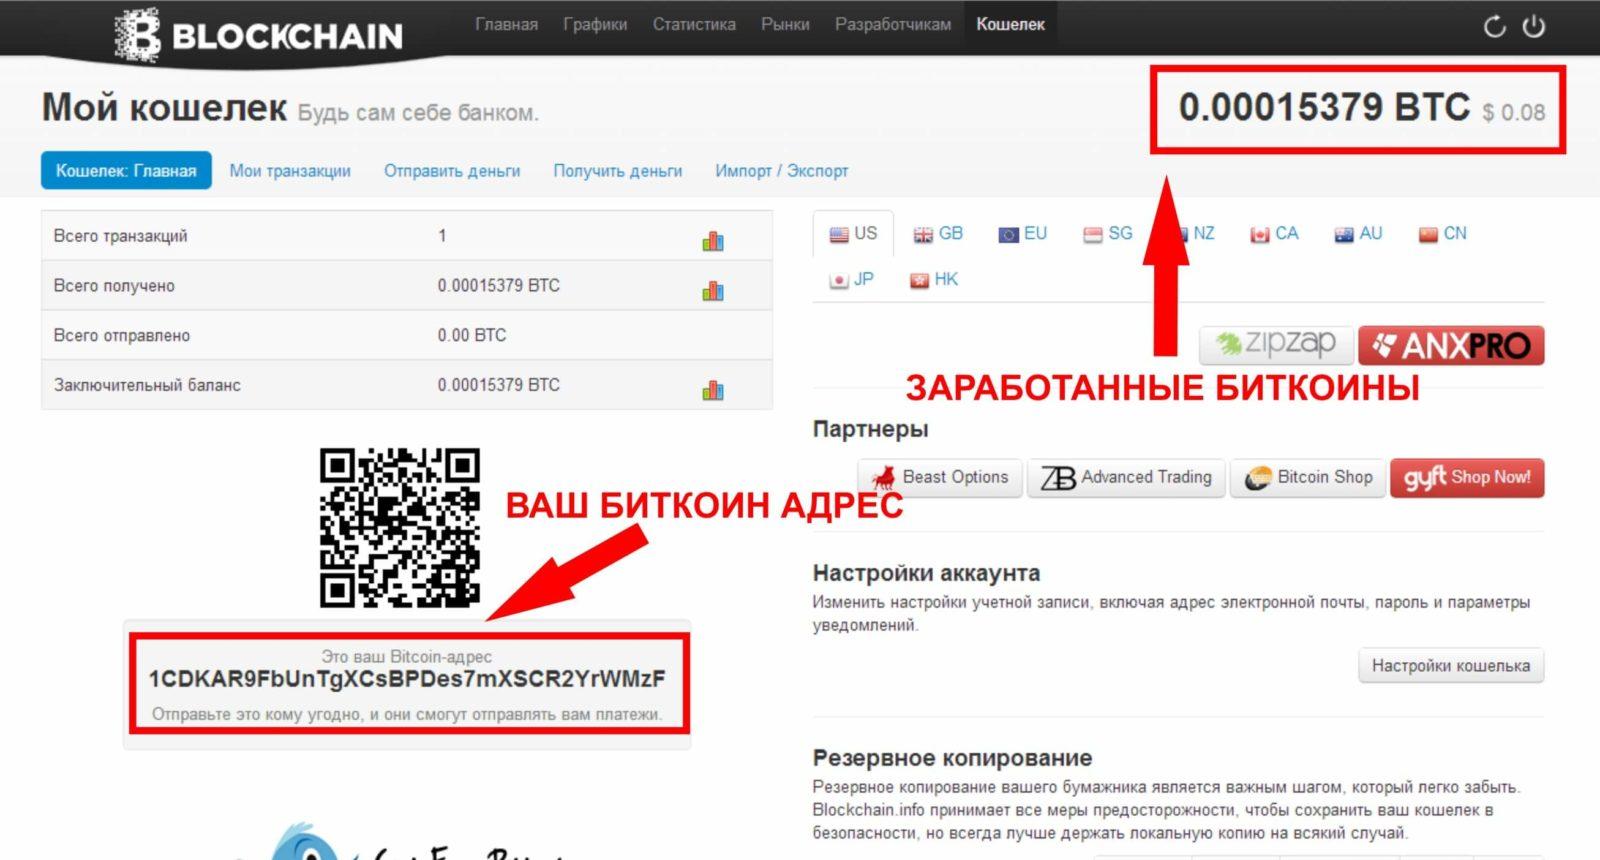 Как узнать адрес в сервисе Blockchain